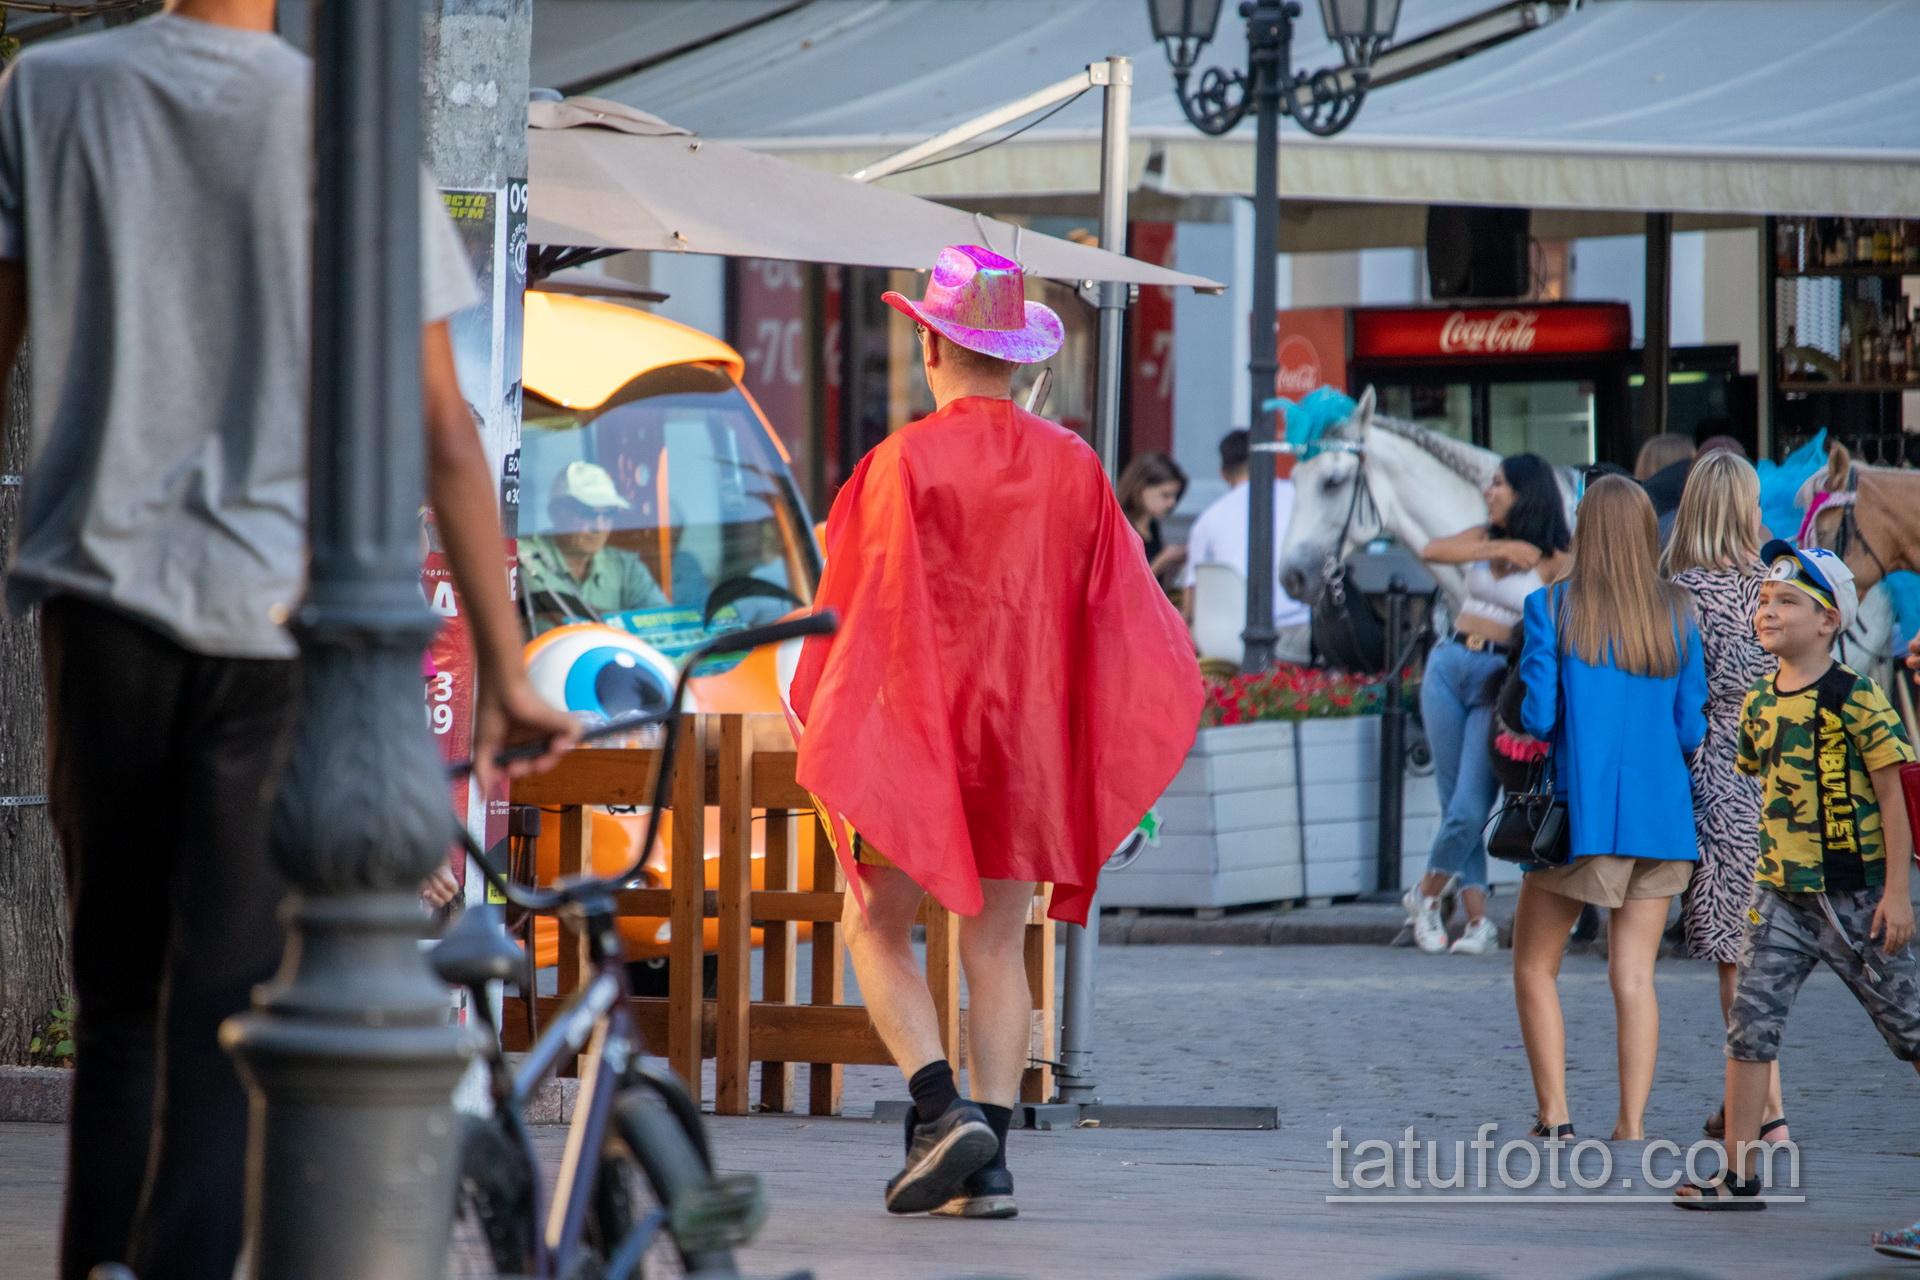 Фото мужчины в костюме героя с плащом и мечем – щитом с украинским гербом – Уличная татуировка 14.09.2020 – tatufoto.com 16